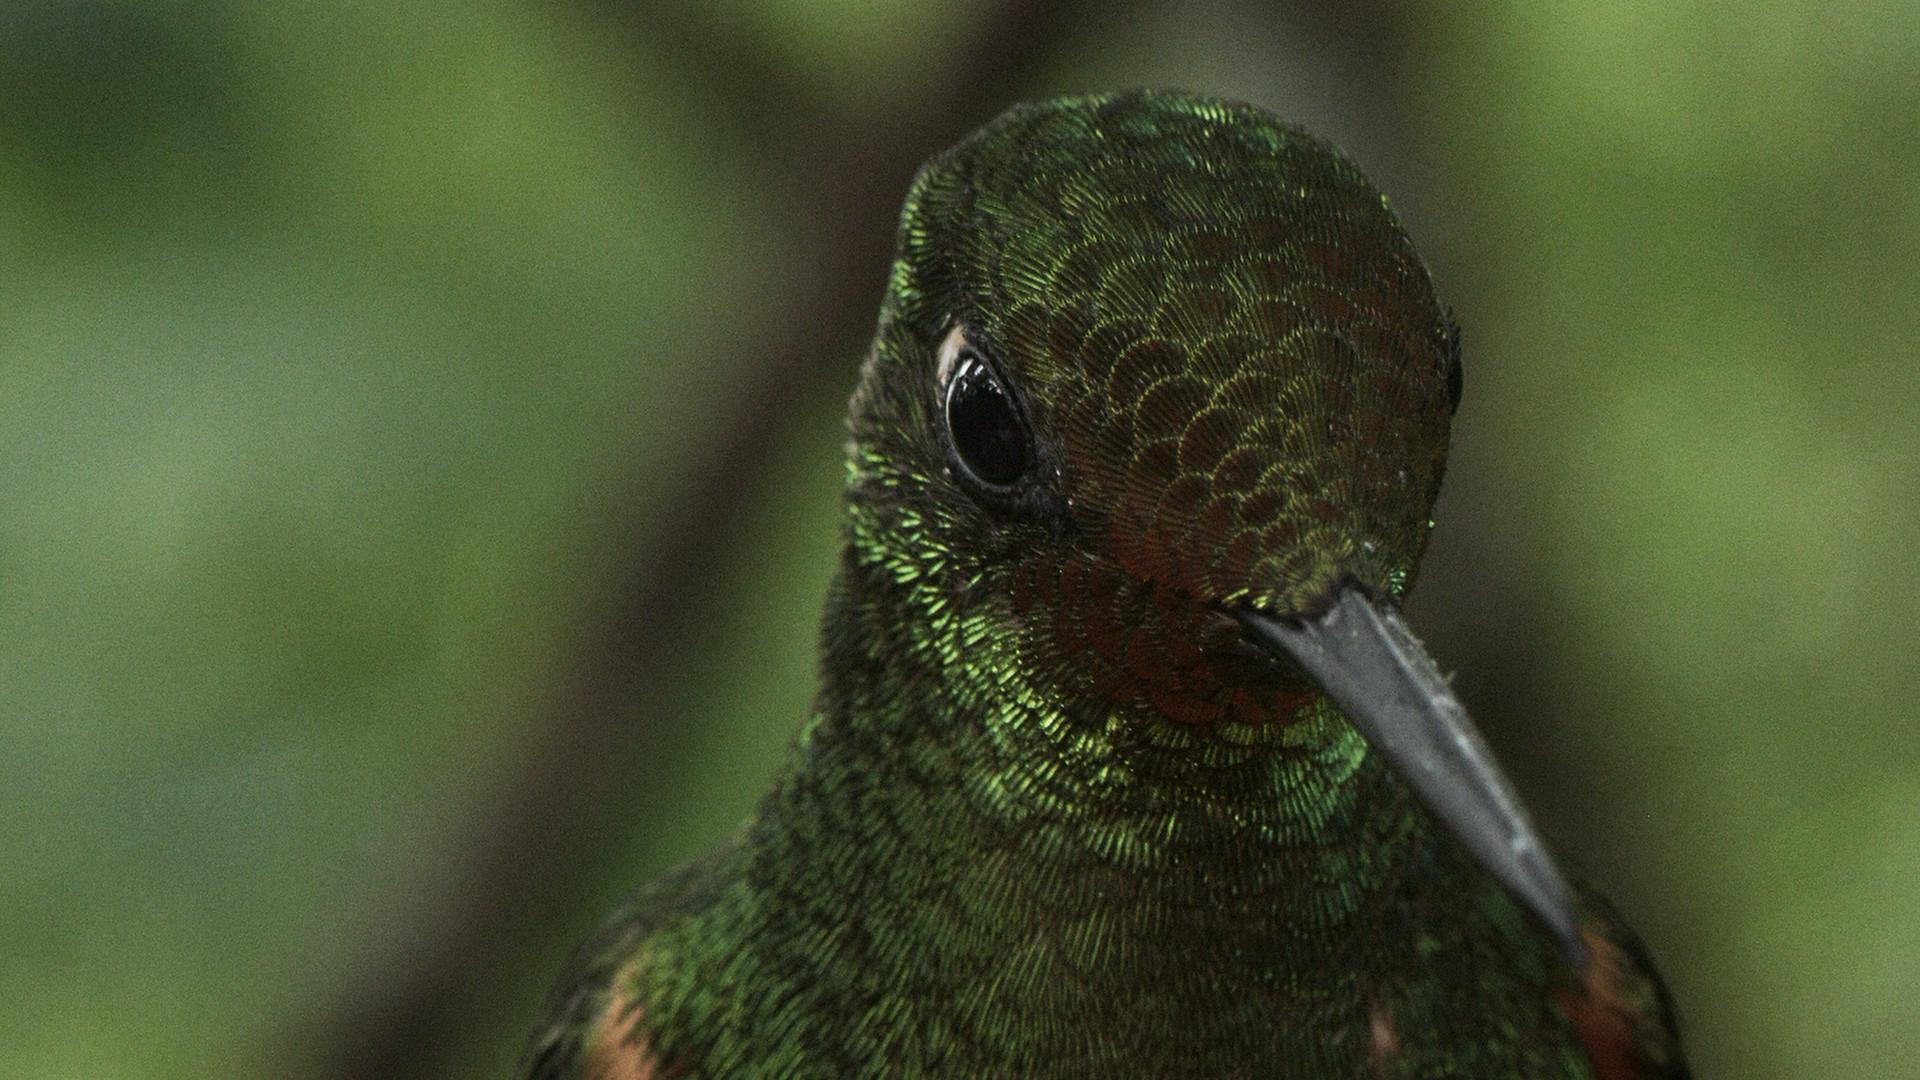 TWA_Ep1_02_hummingbird.jpg